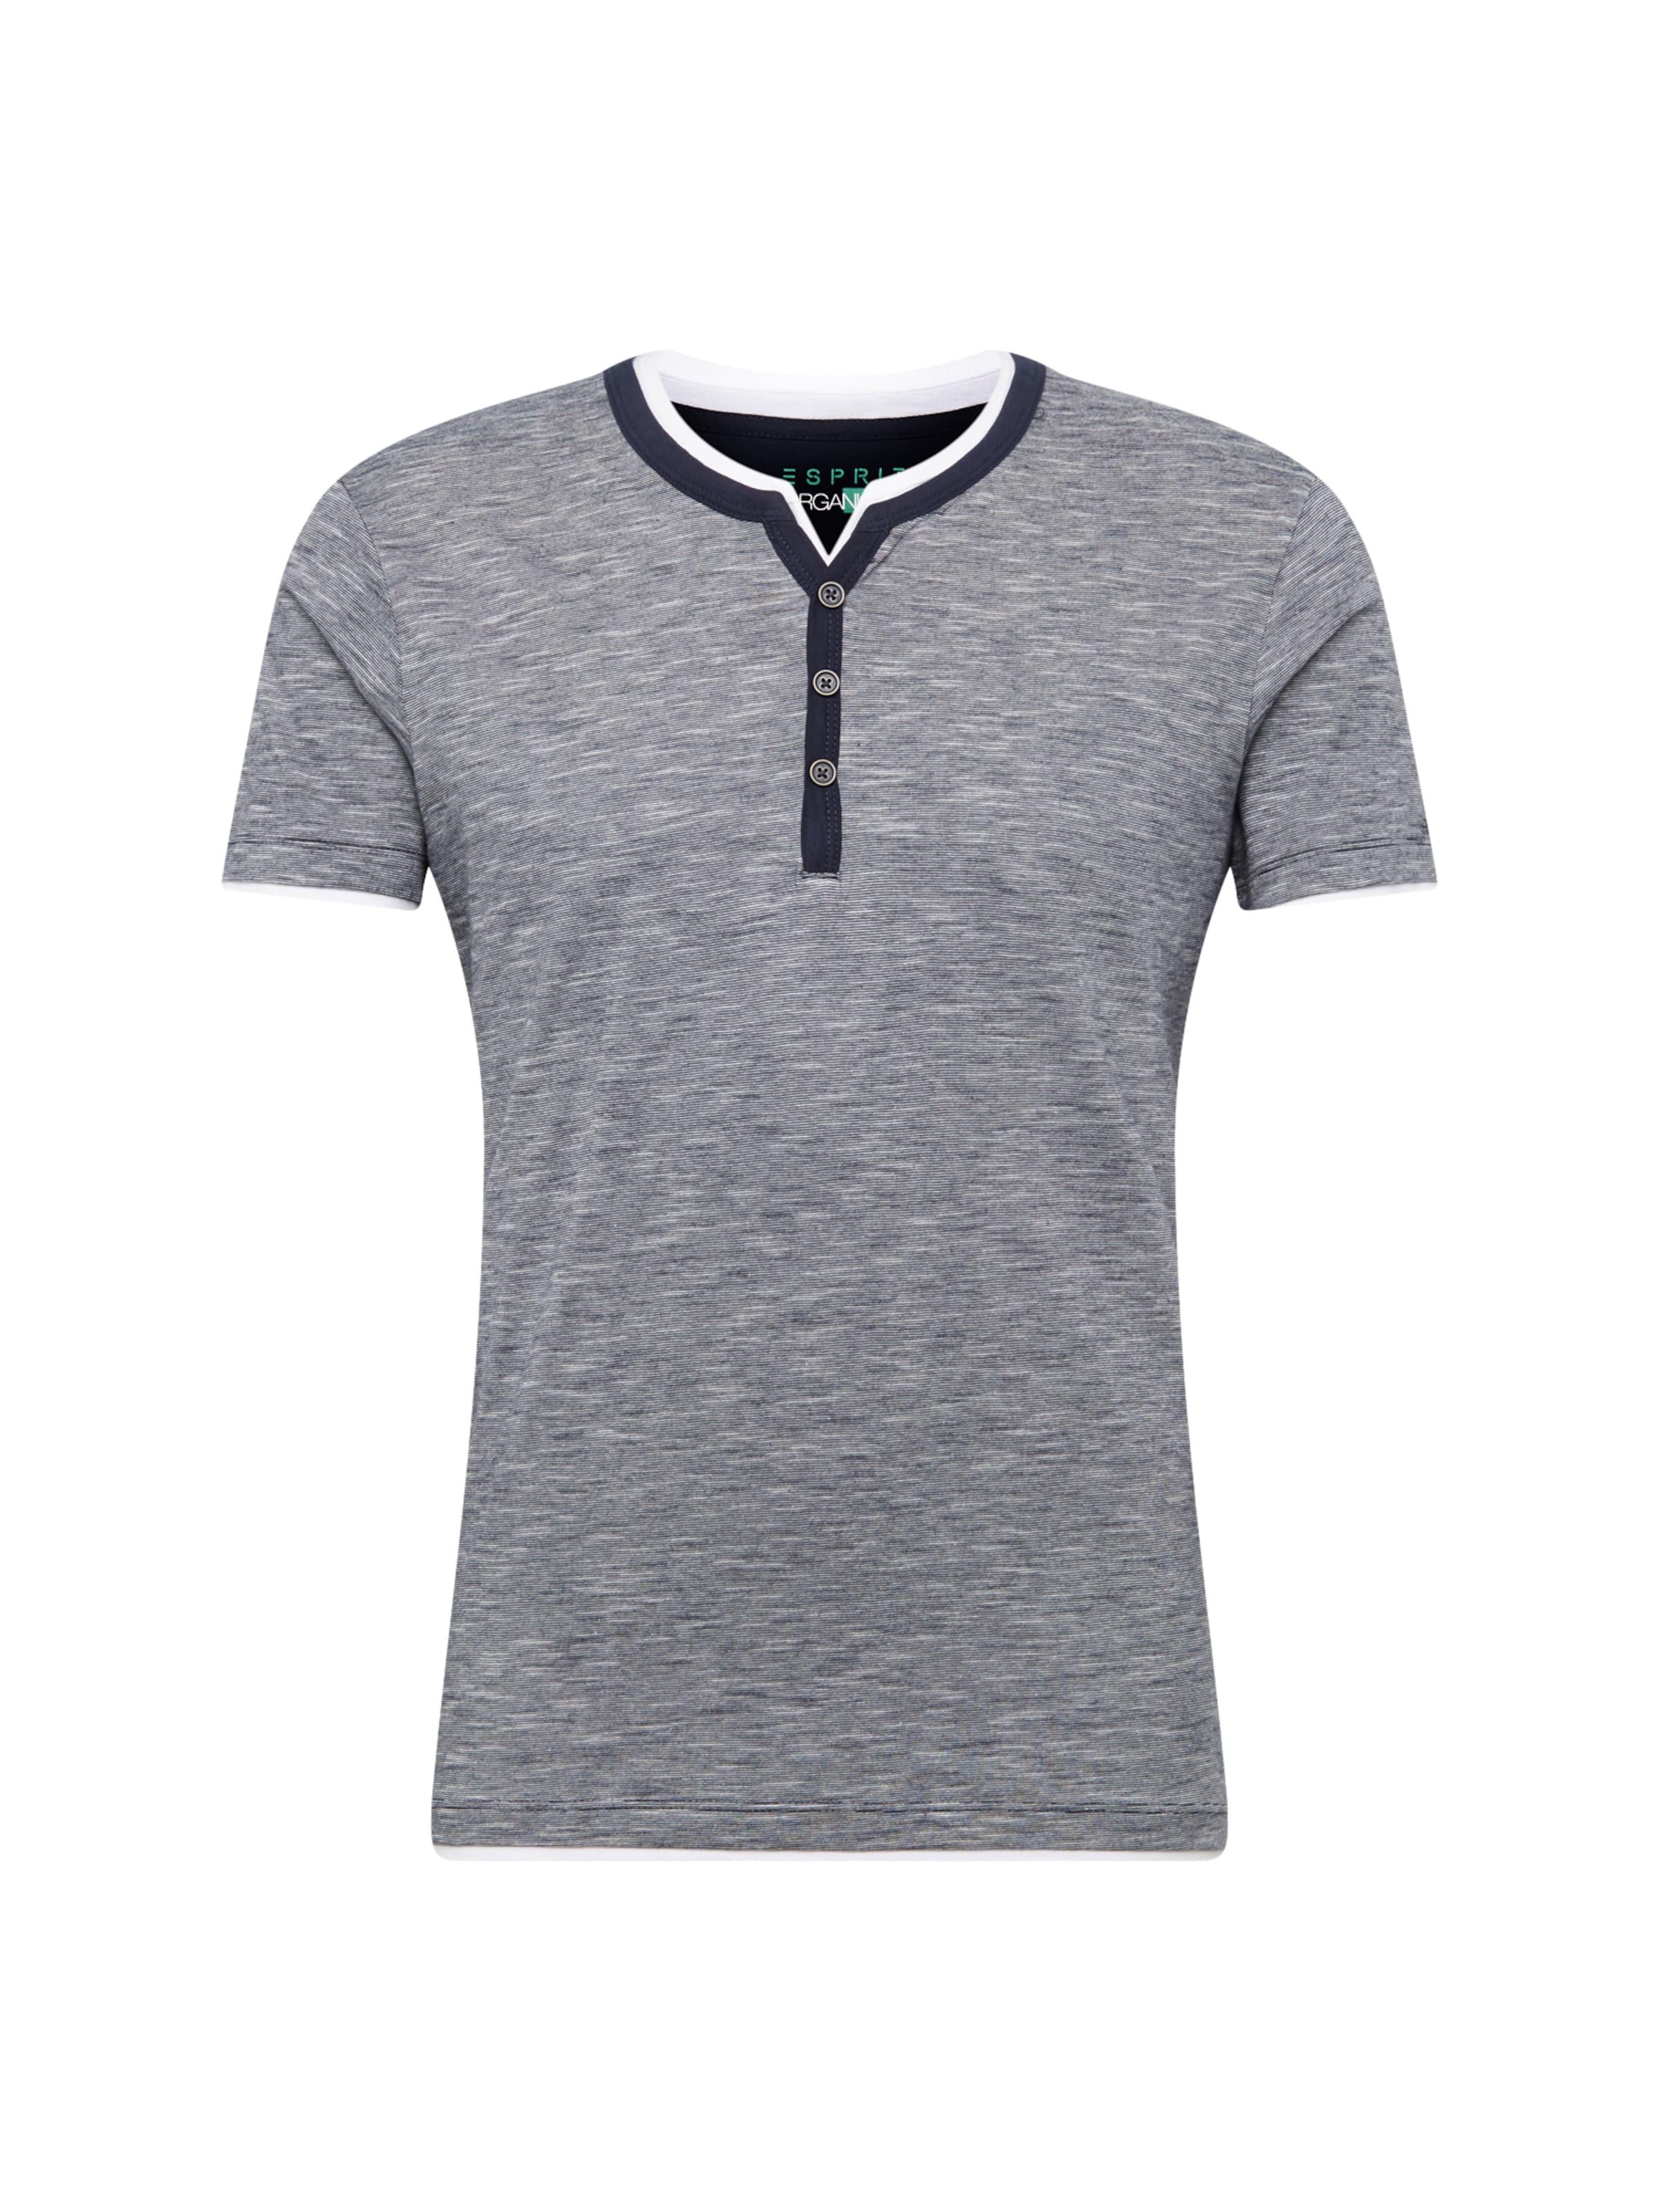 DunkelblauWeiß Shirt In In DunkelblauWeiß DunkelblauWeiß Esprit Shirt Esprit Esprit Shirt In nwO0Pk